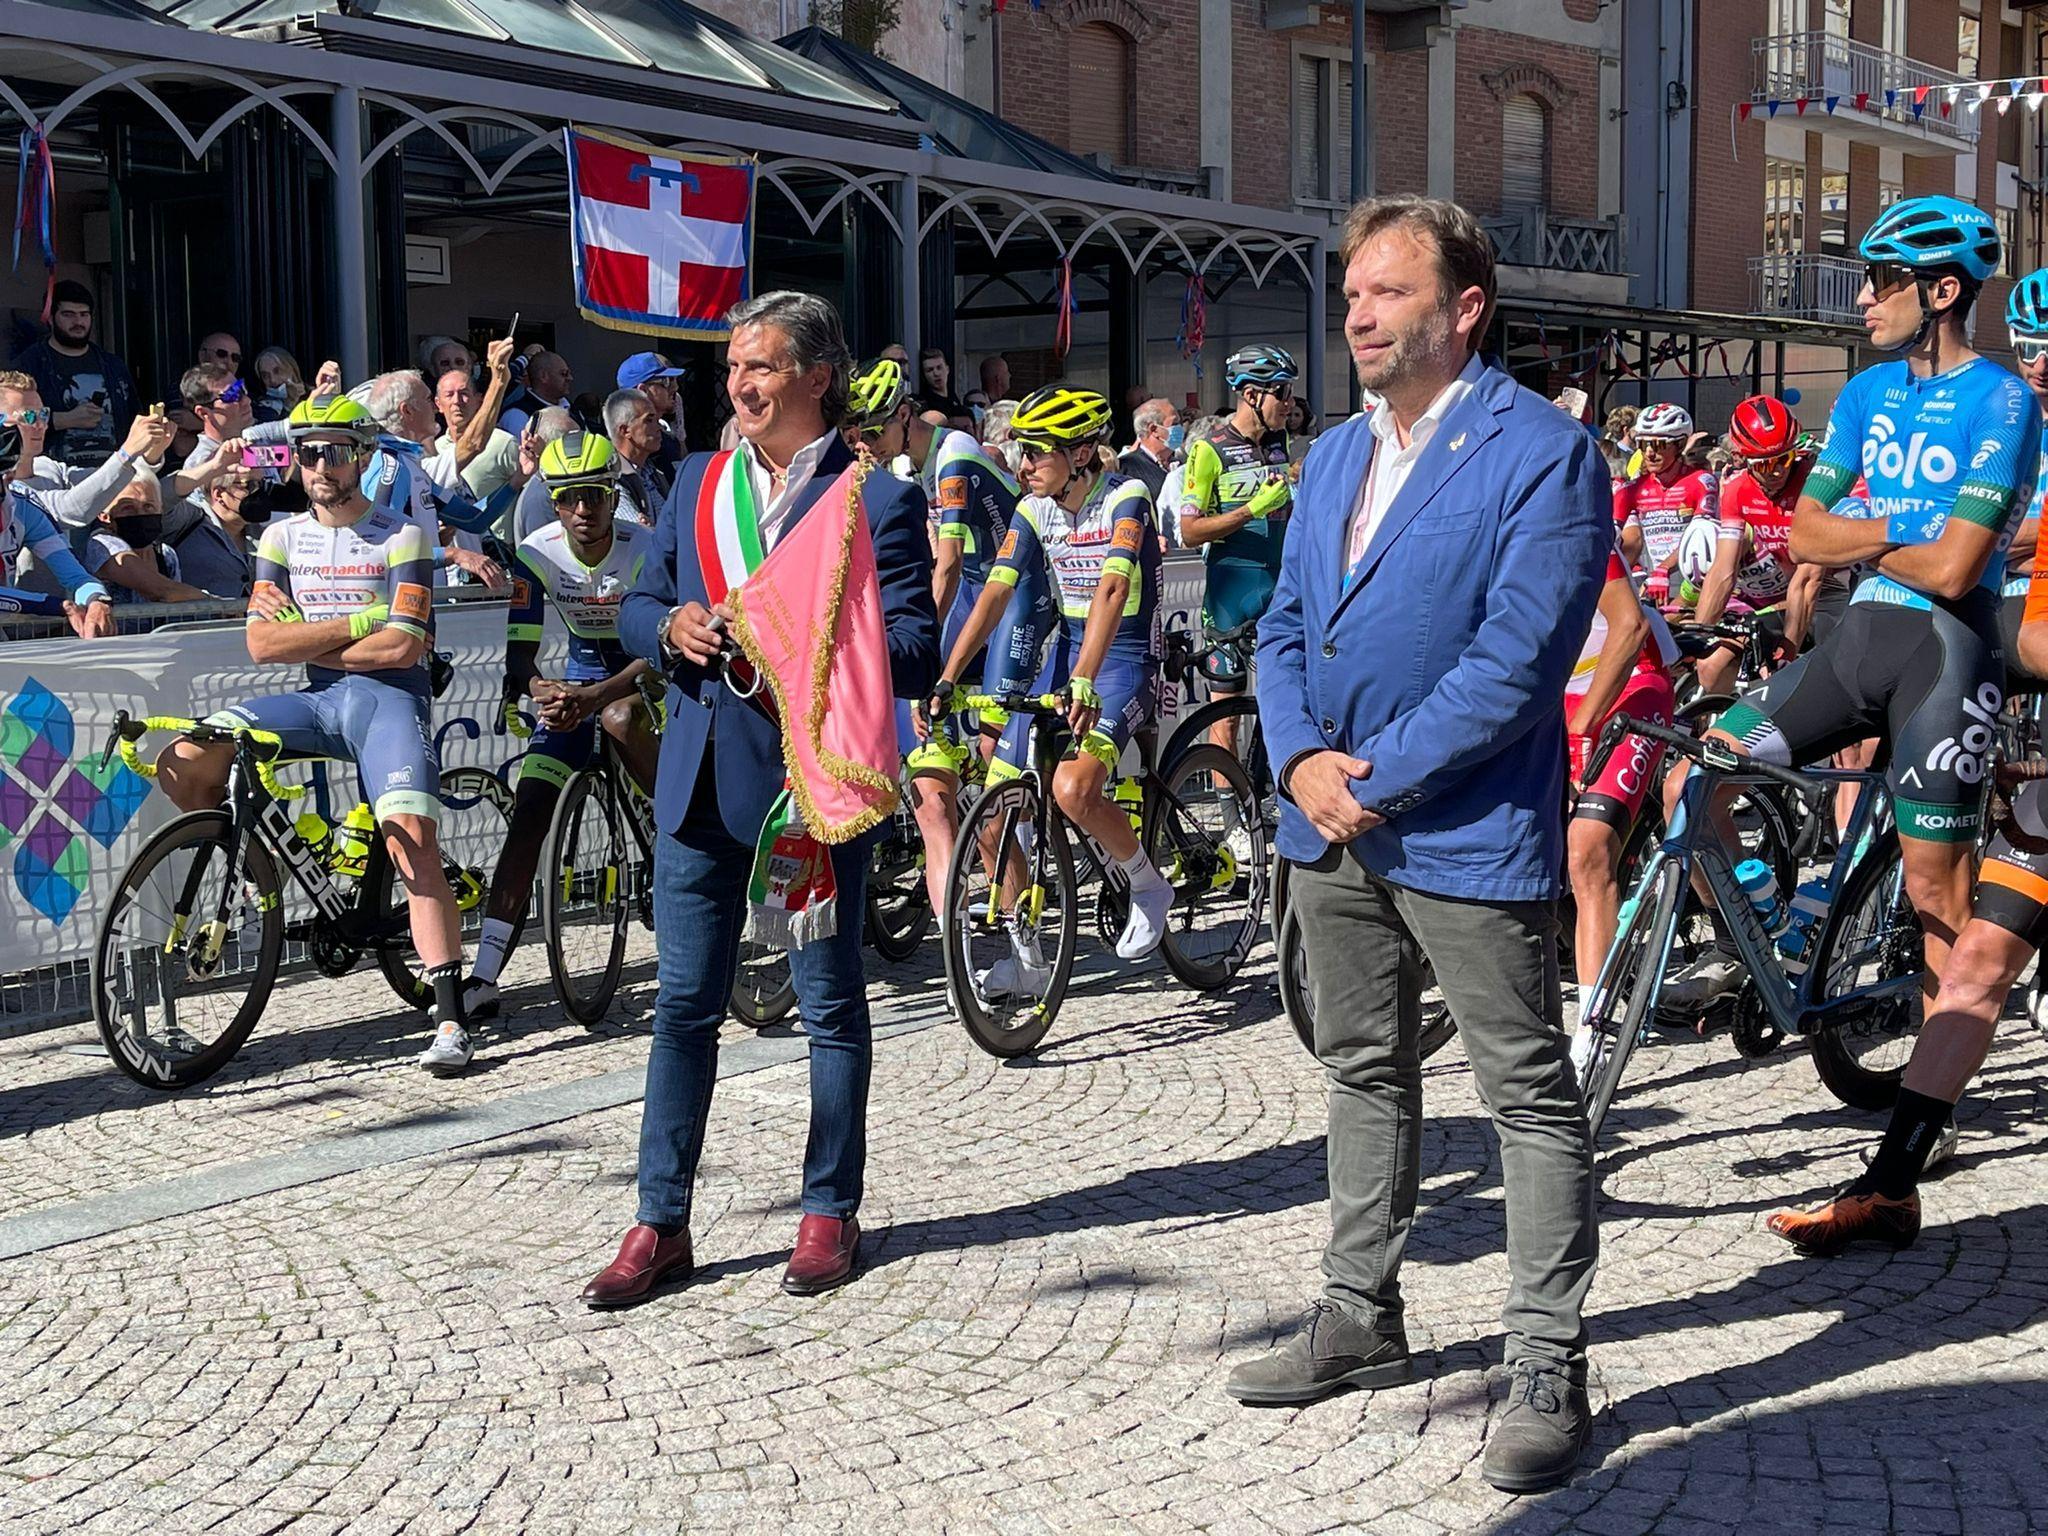 CICLISMO - Walls, un Campione Olimpico si impone al Gran Piemonte